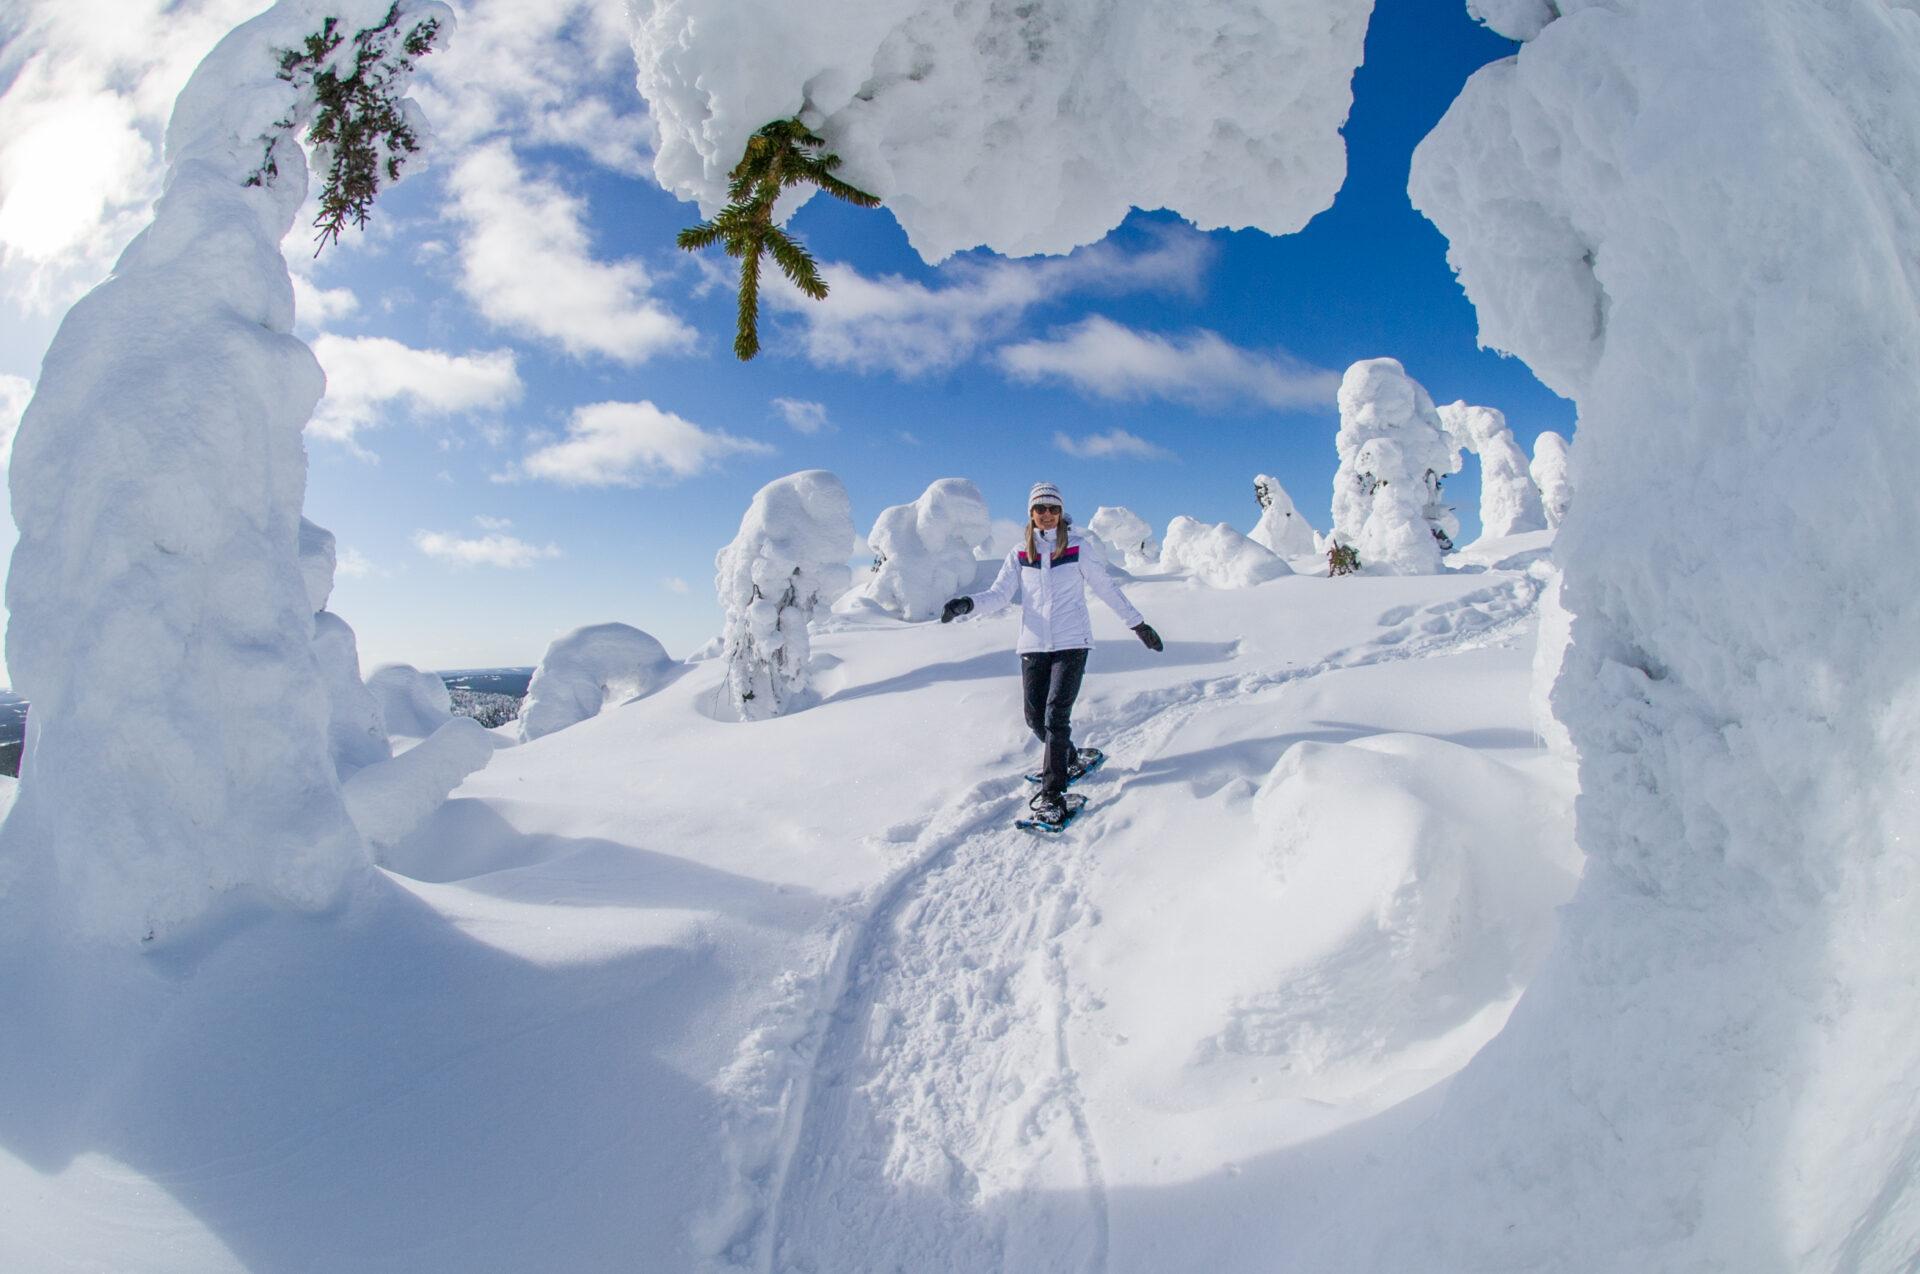 Sneeuwschoewandelen